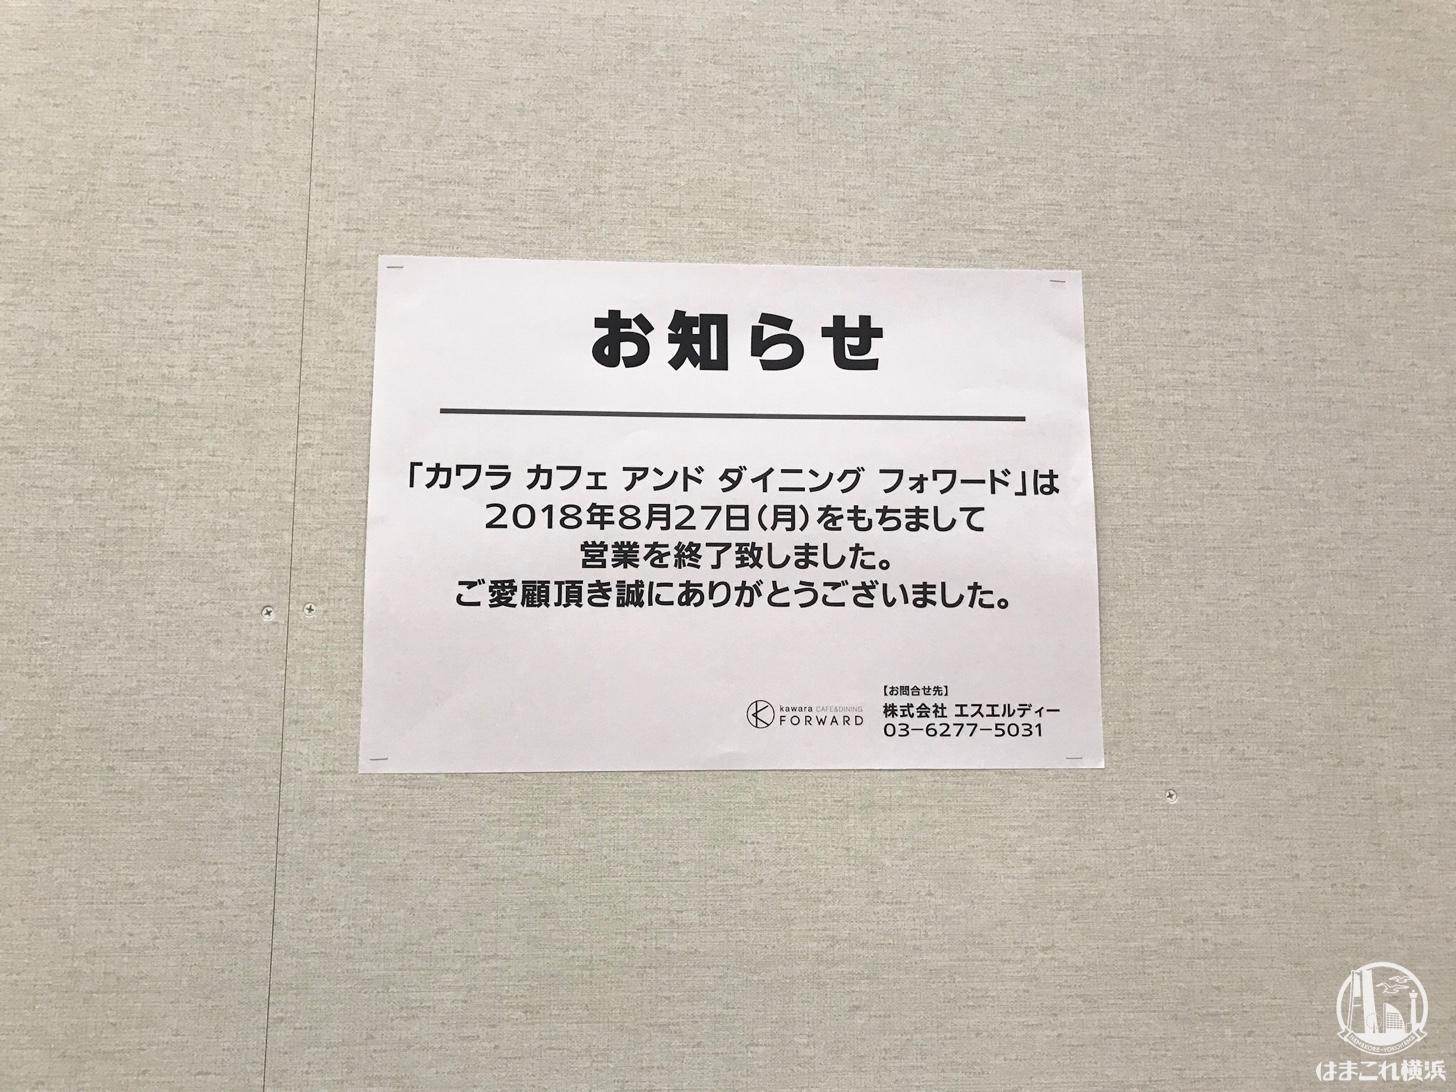 カワラ カフェ アンド ダイニング フォワード 閉店のお知らせ